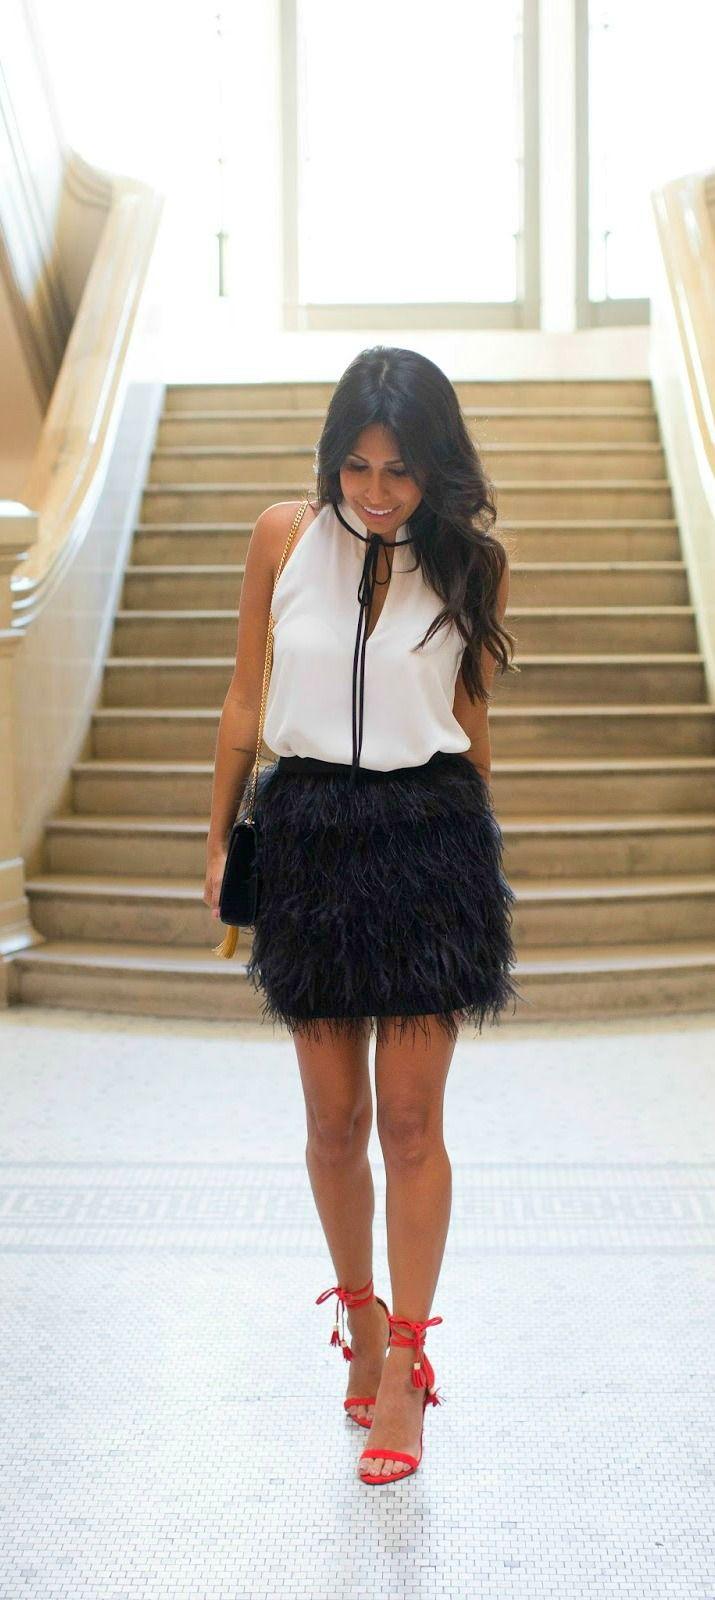 Cina White Feather Skirt Alice Olivia White Feather Skirt White Feather Dress Feather Skirt